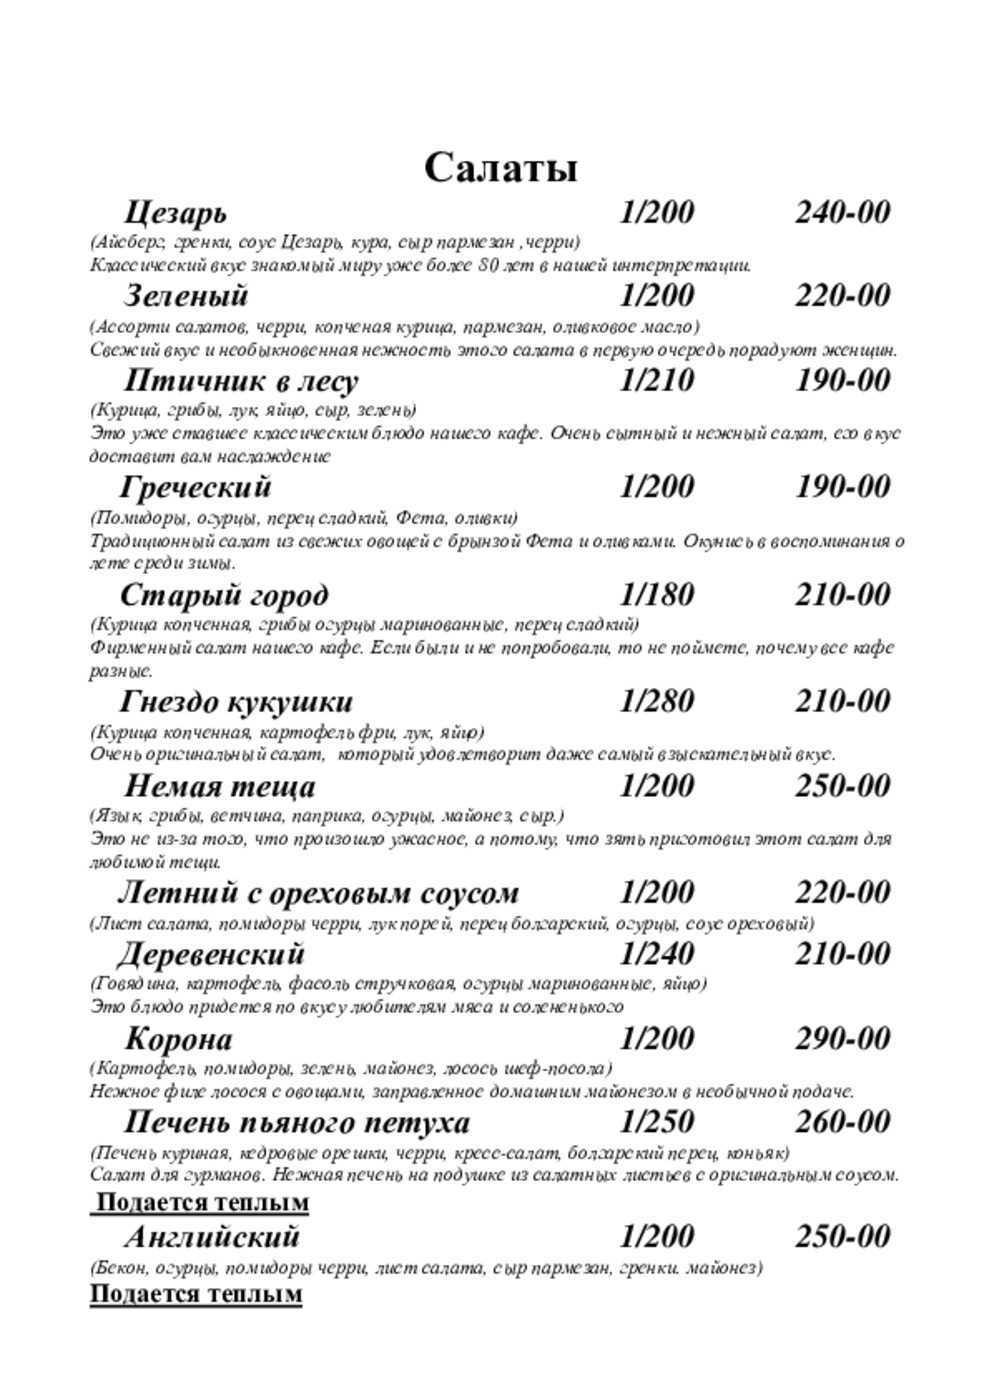 Меню кафе Старый город на улице Достоевского фото 1